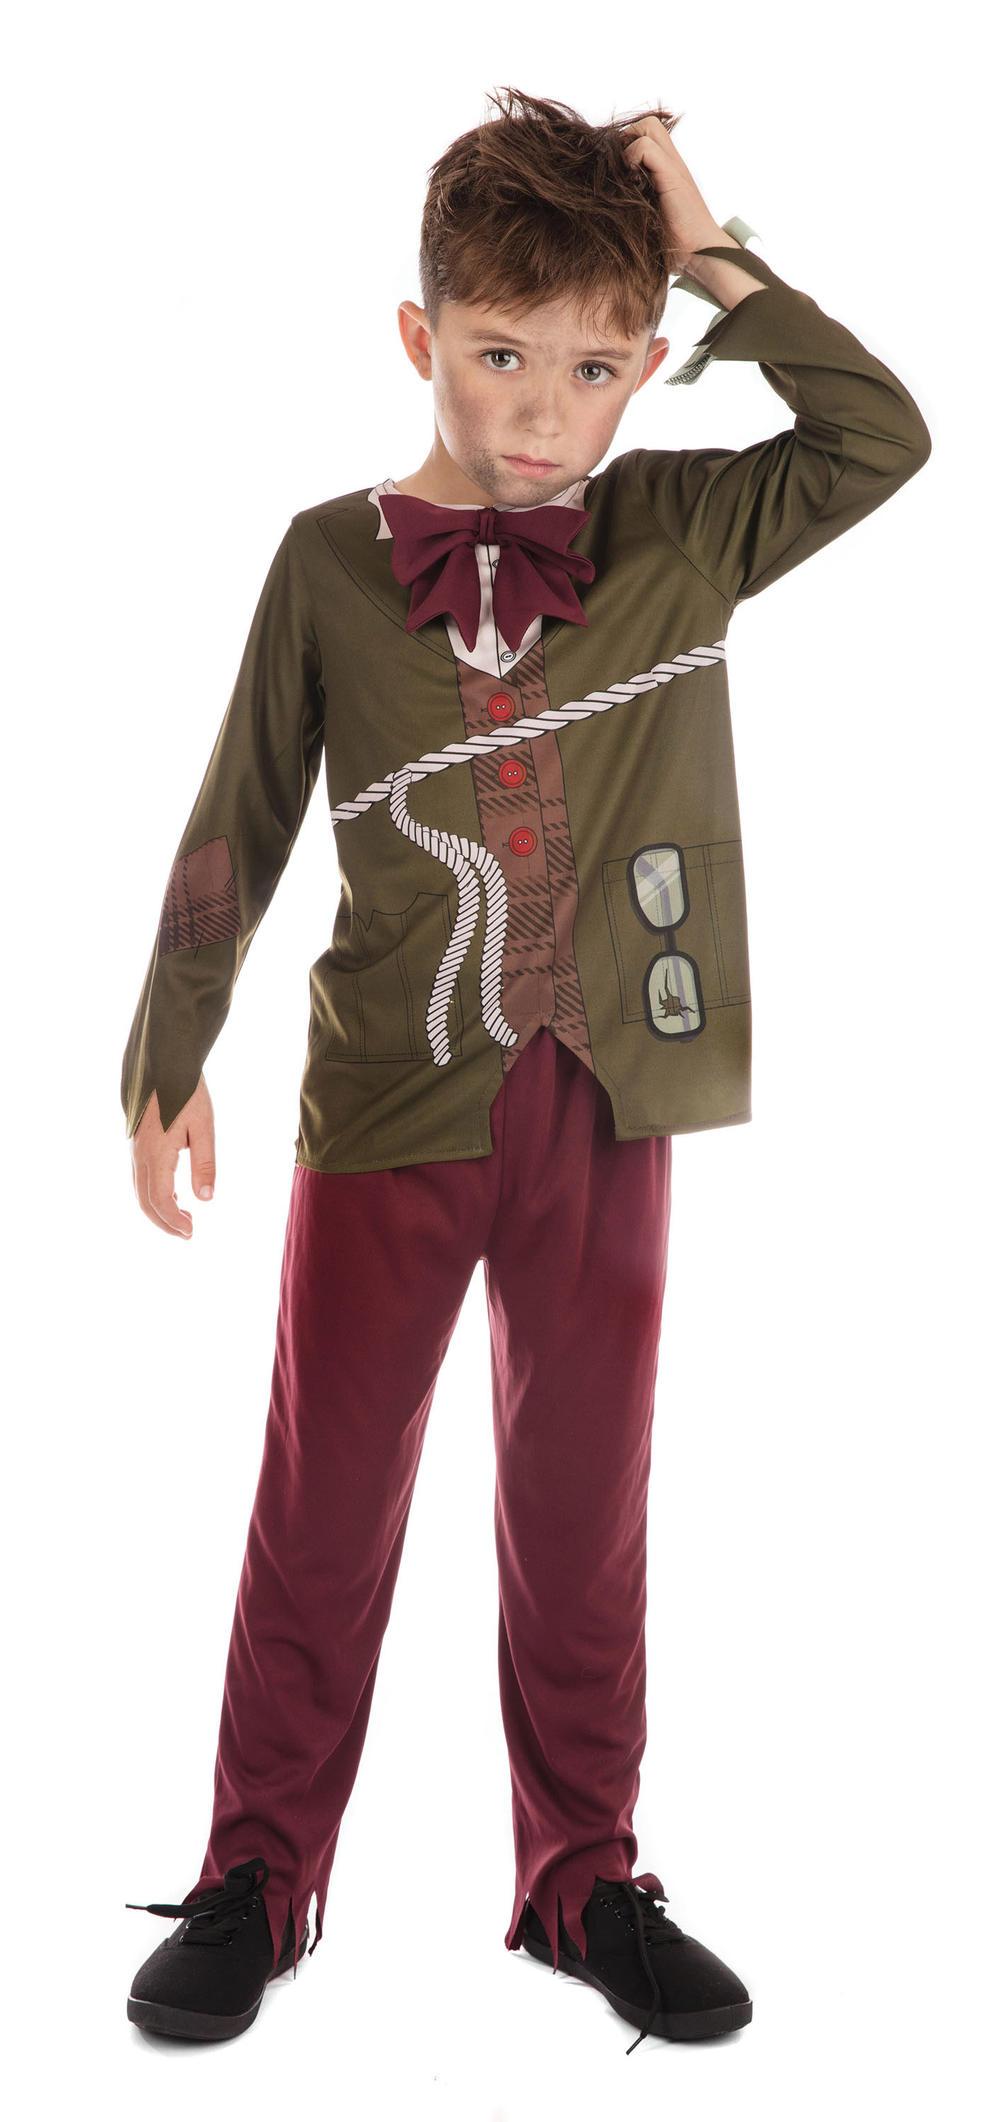 Oliver Stinky Boy Costume